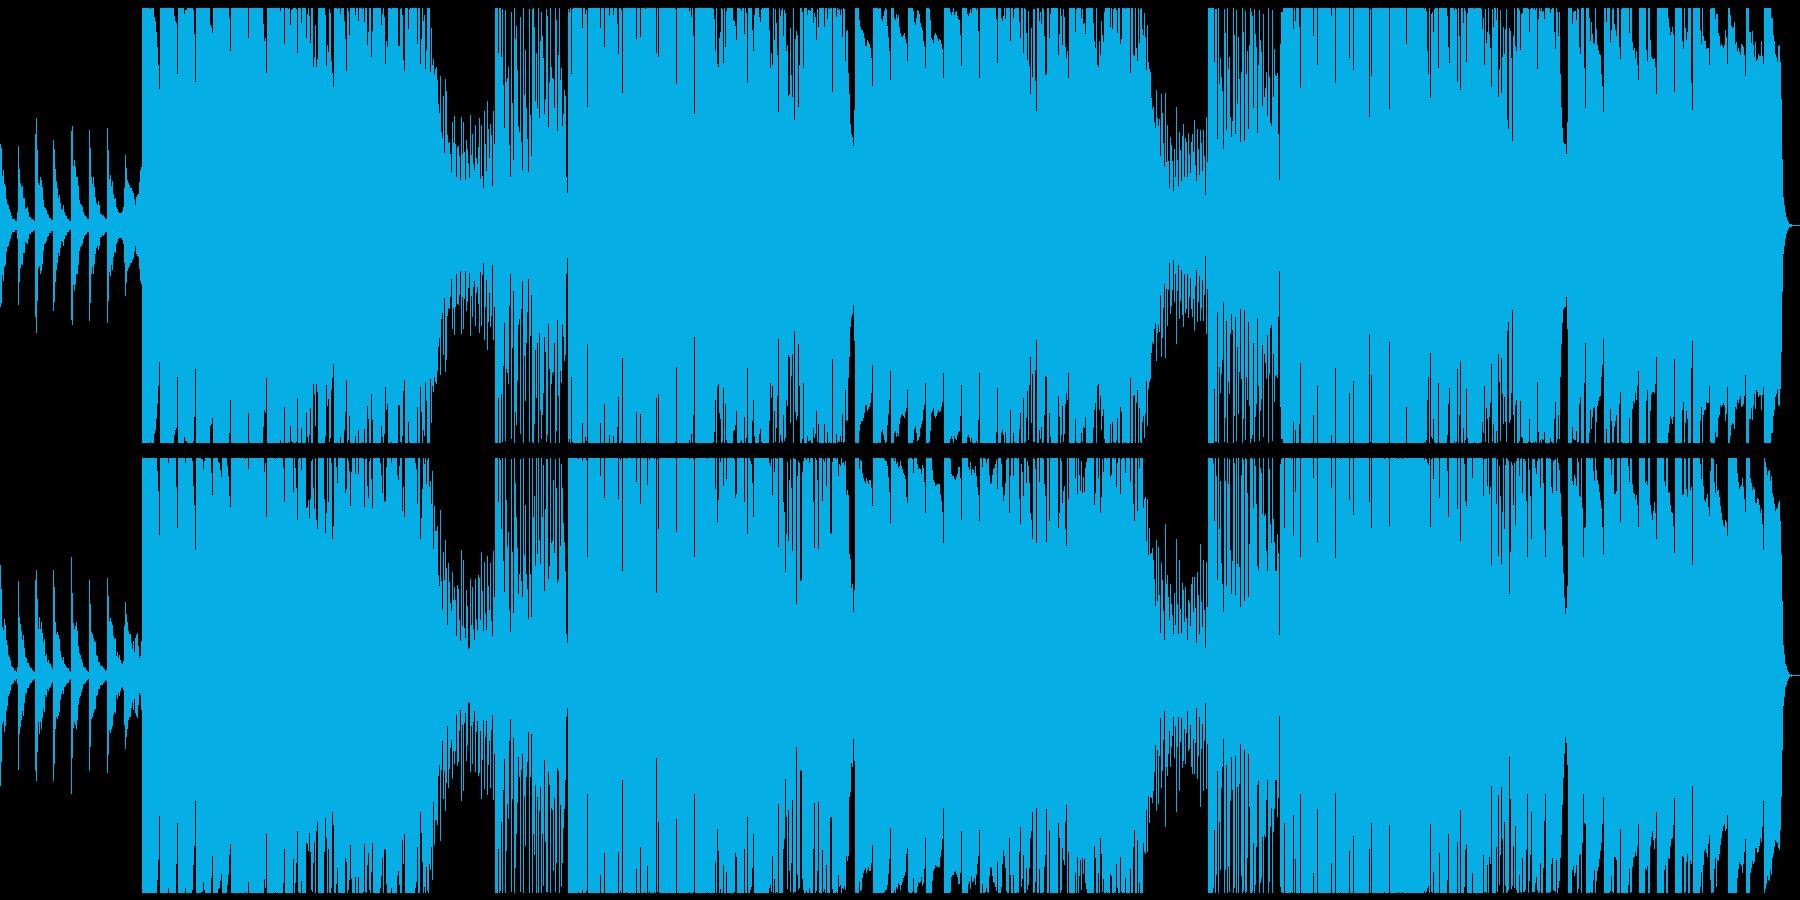 サブベース強めのシリアスなエレクトロの再生済みの波形